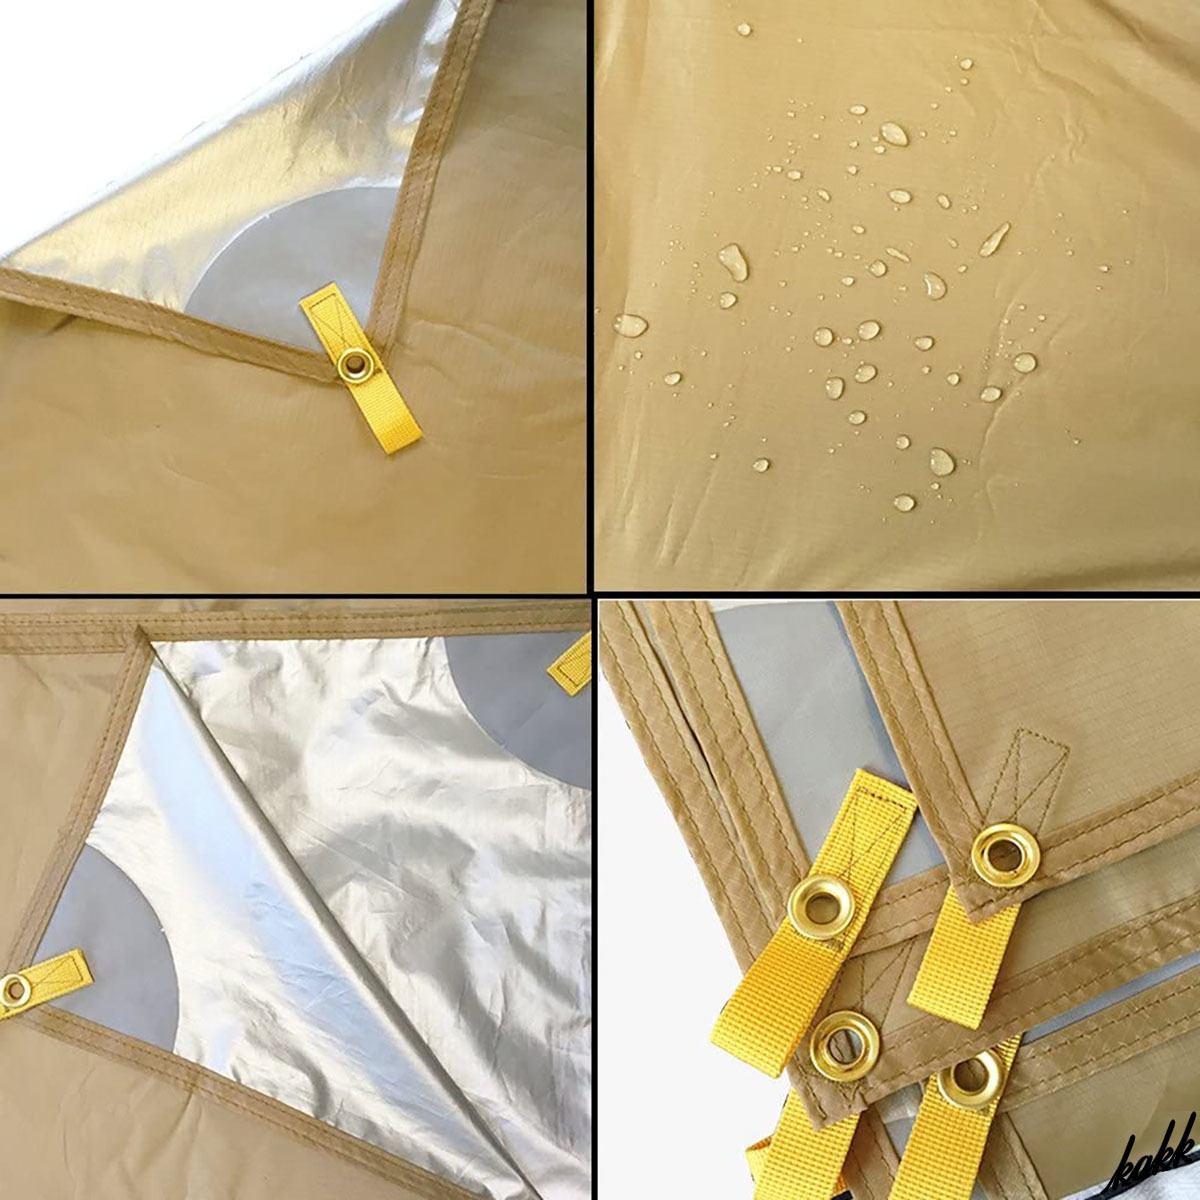 【防水 天幕シェード】 カーキ 300×400cm タープ 紫外線カット 遮光 日差し防止 軽量 コンパクト キャンプ道具 アウトドア ツーリング